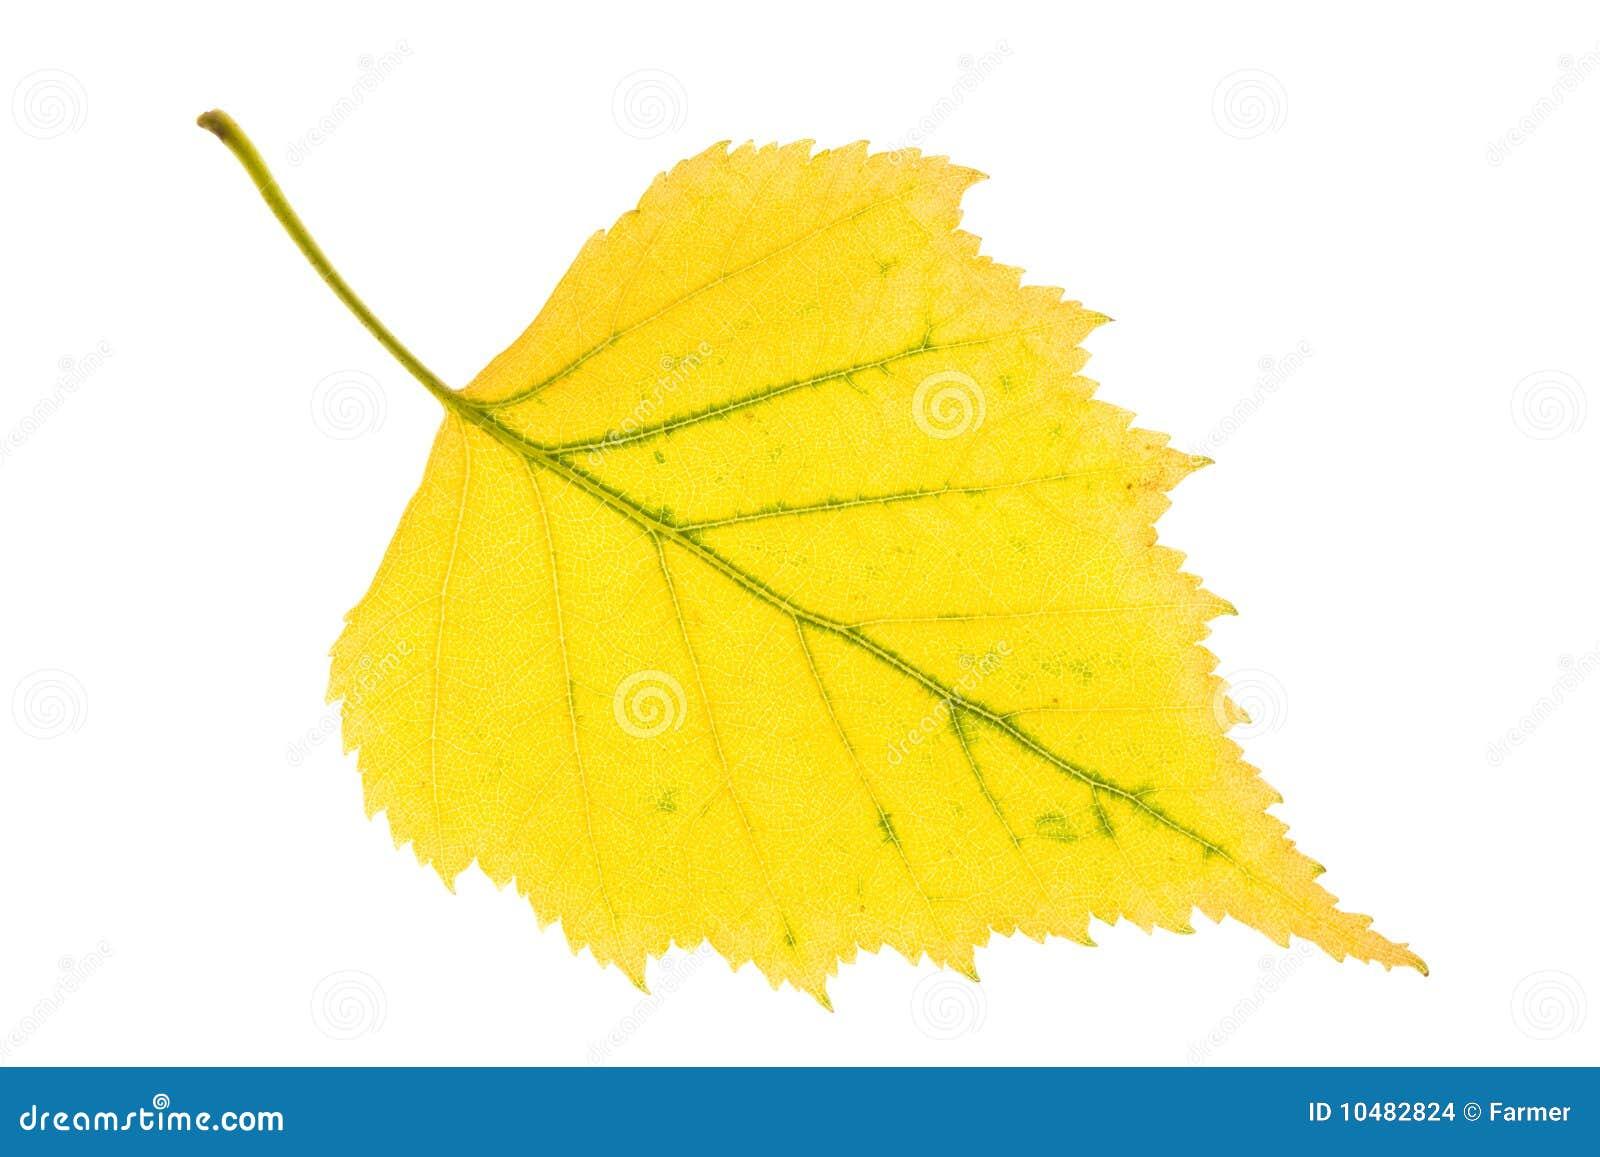 Листья березы осенью картинки